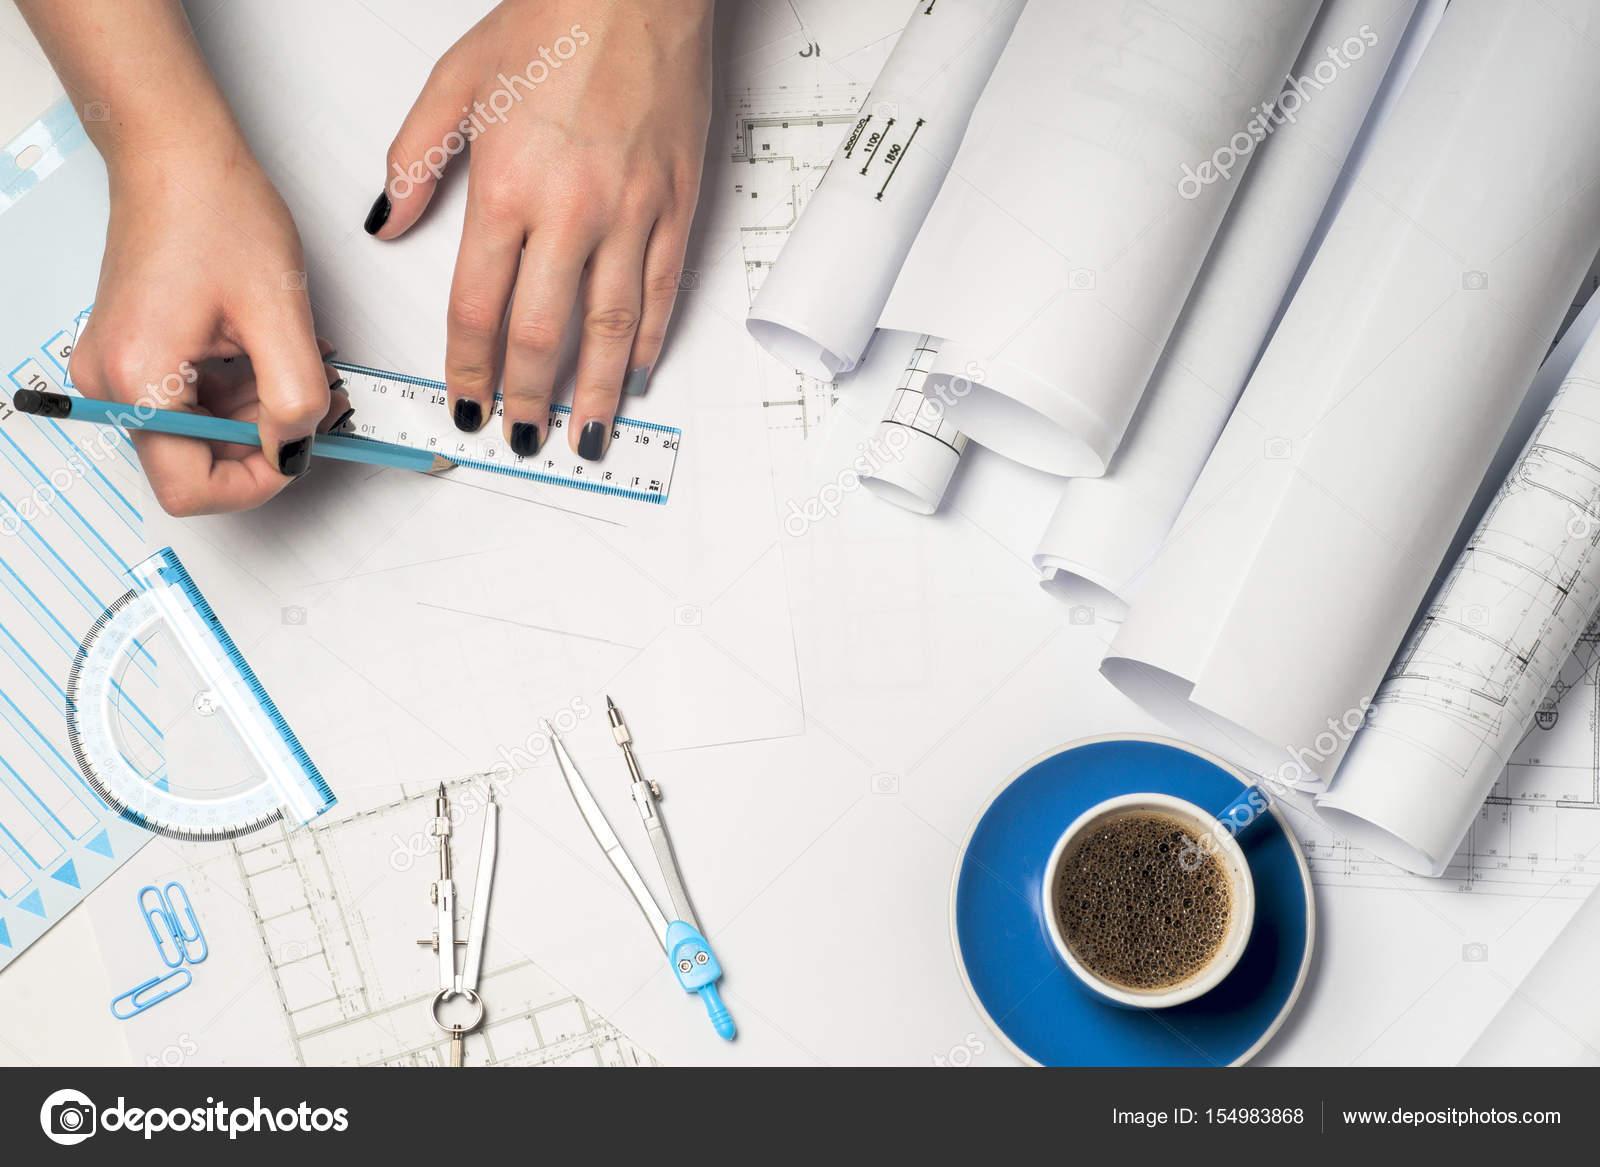 Captivating Architekten Arbeiten Auf Entwurf. Architekten Arbeitsplatz    Architekturprojekt, Baupläne, Lineal Und Teiler Kompass. Baukonzept.  Engineering Tools.